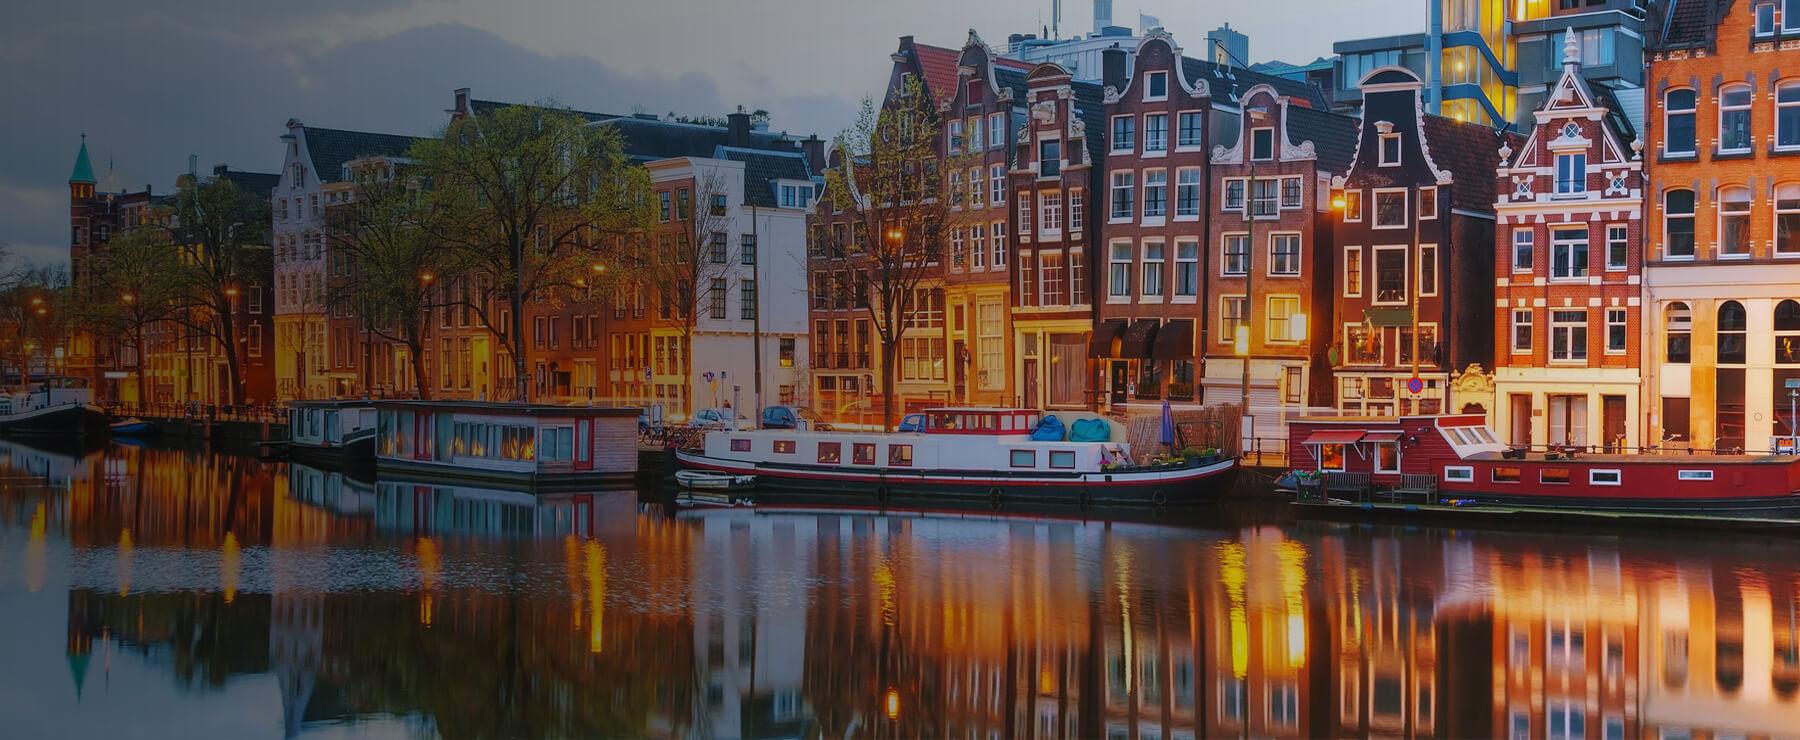 """Выставка """"Образование в Нидерландах: преимущества и возможности"""". Фото - 3"""